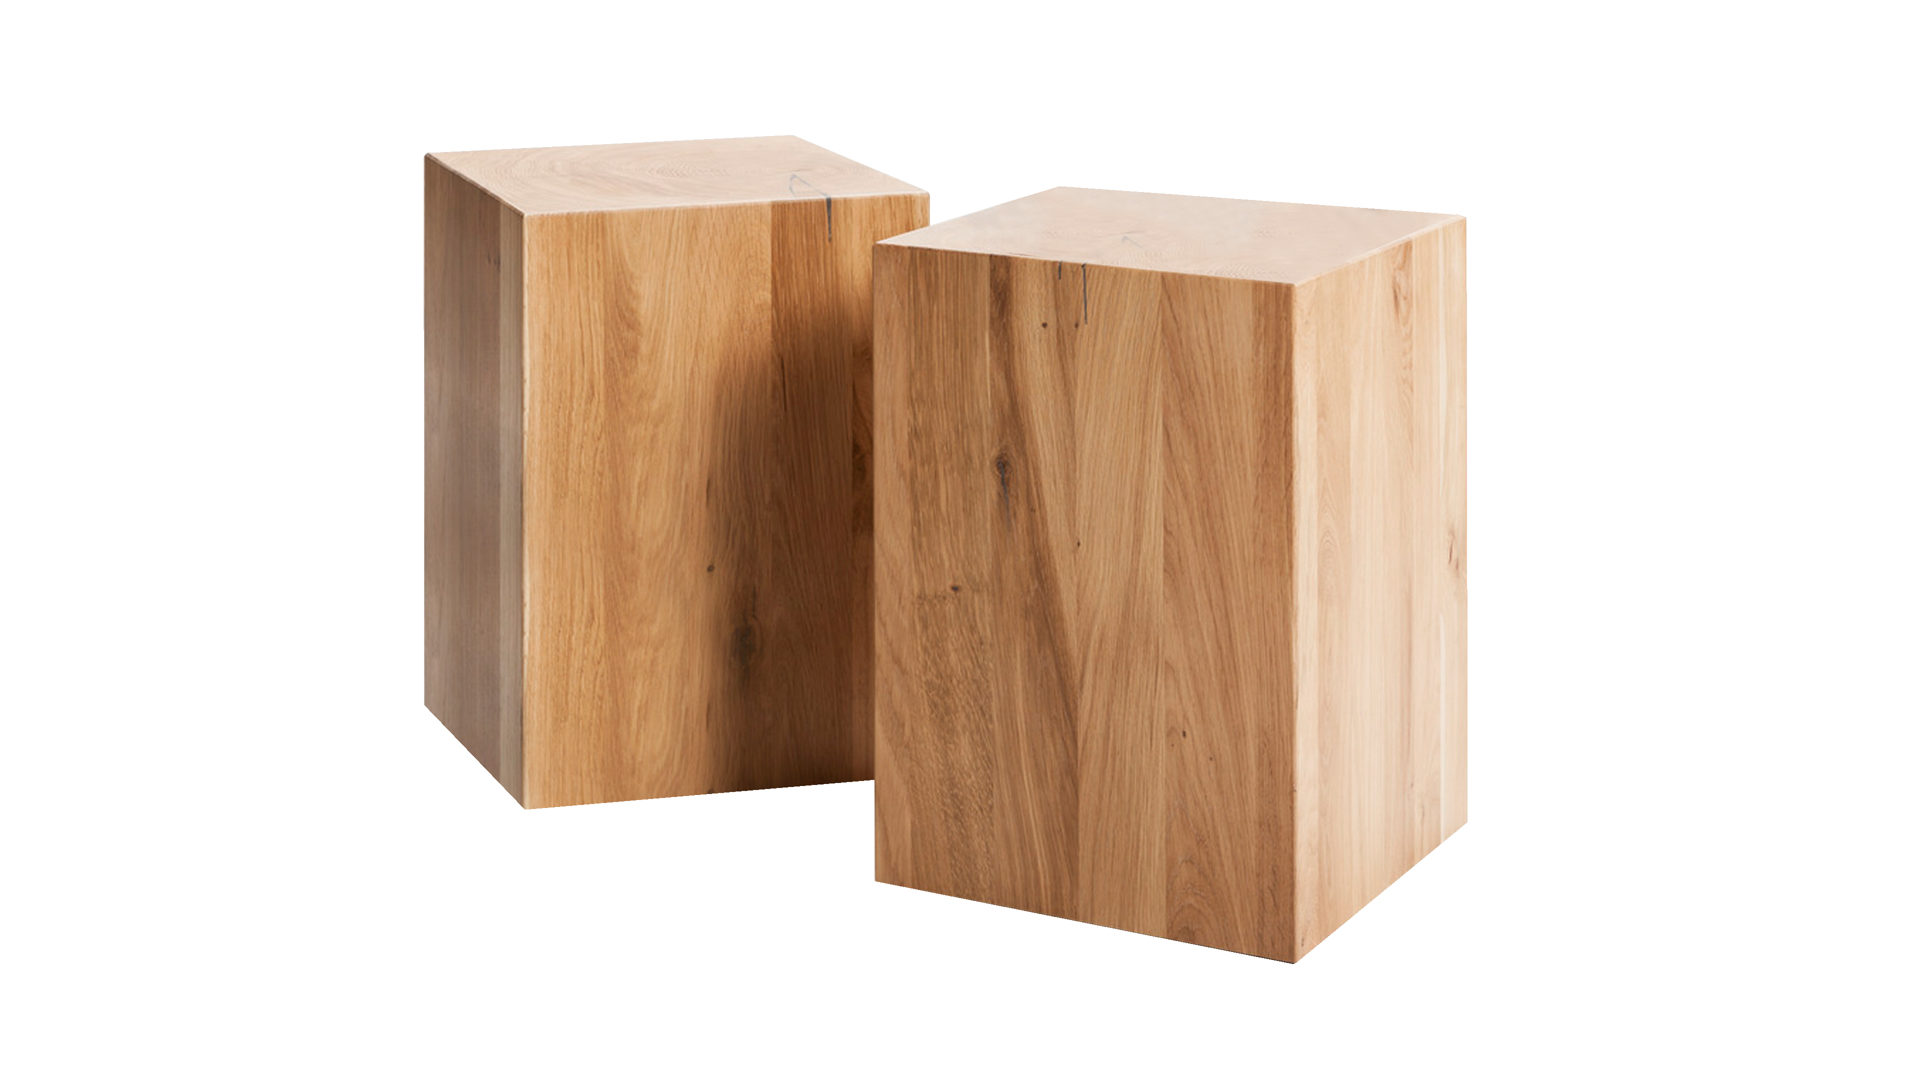 Ziemlich Massivholzmöbel Garderobe Zeitgenössisch - Die besten ...